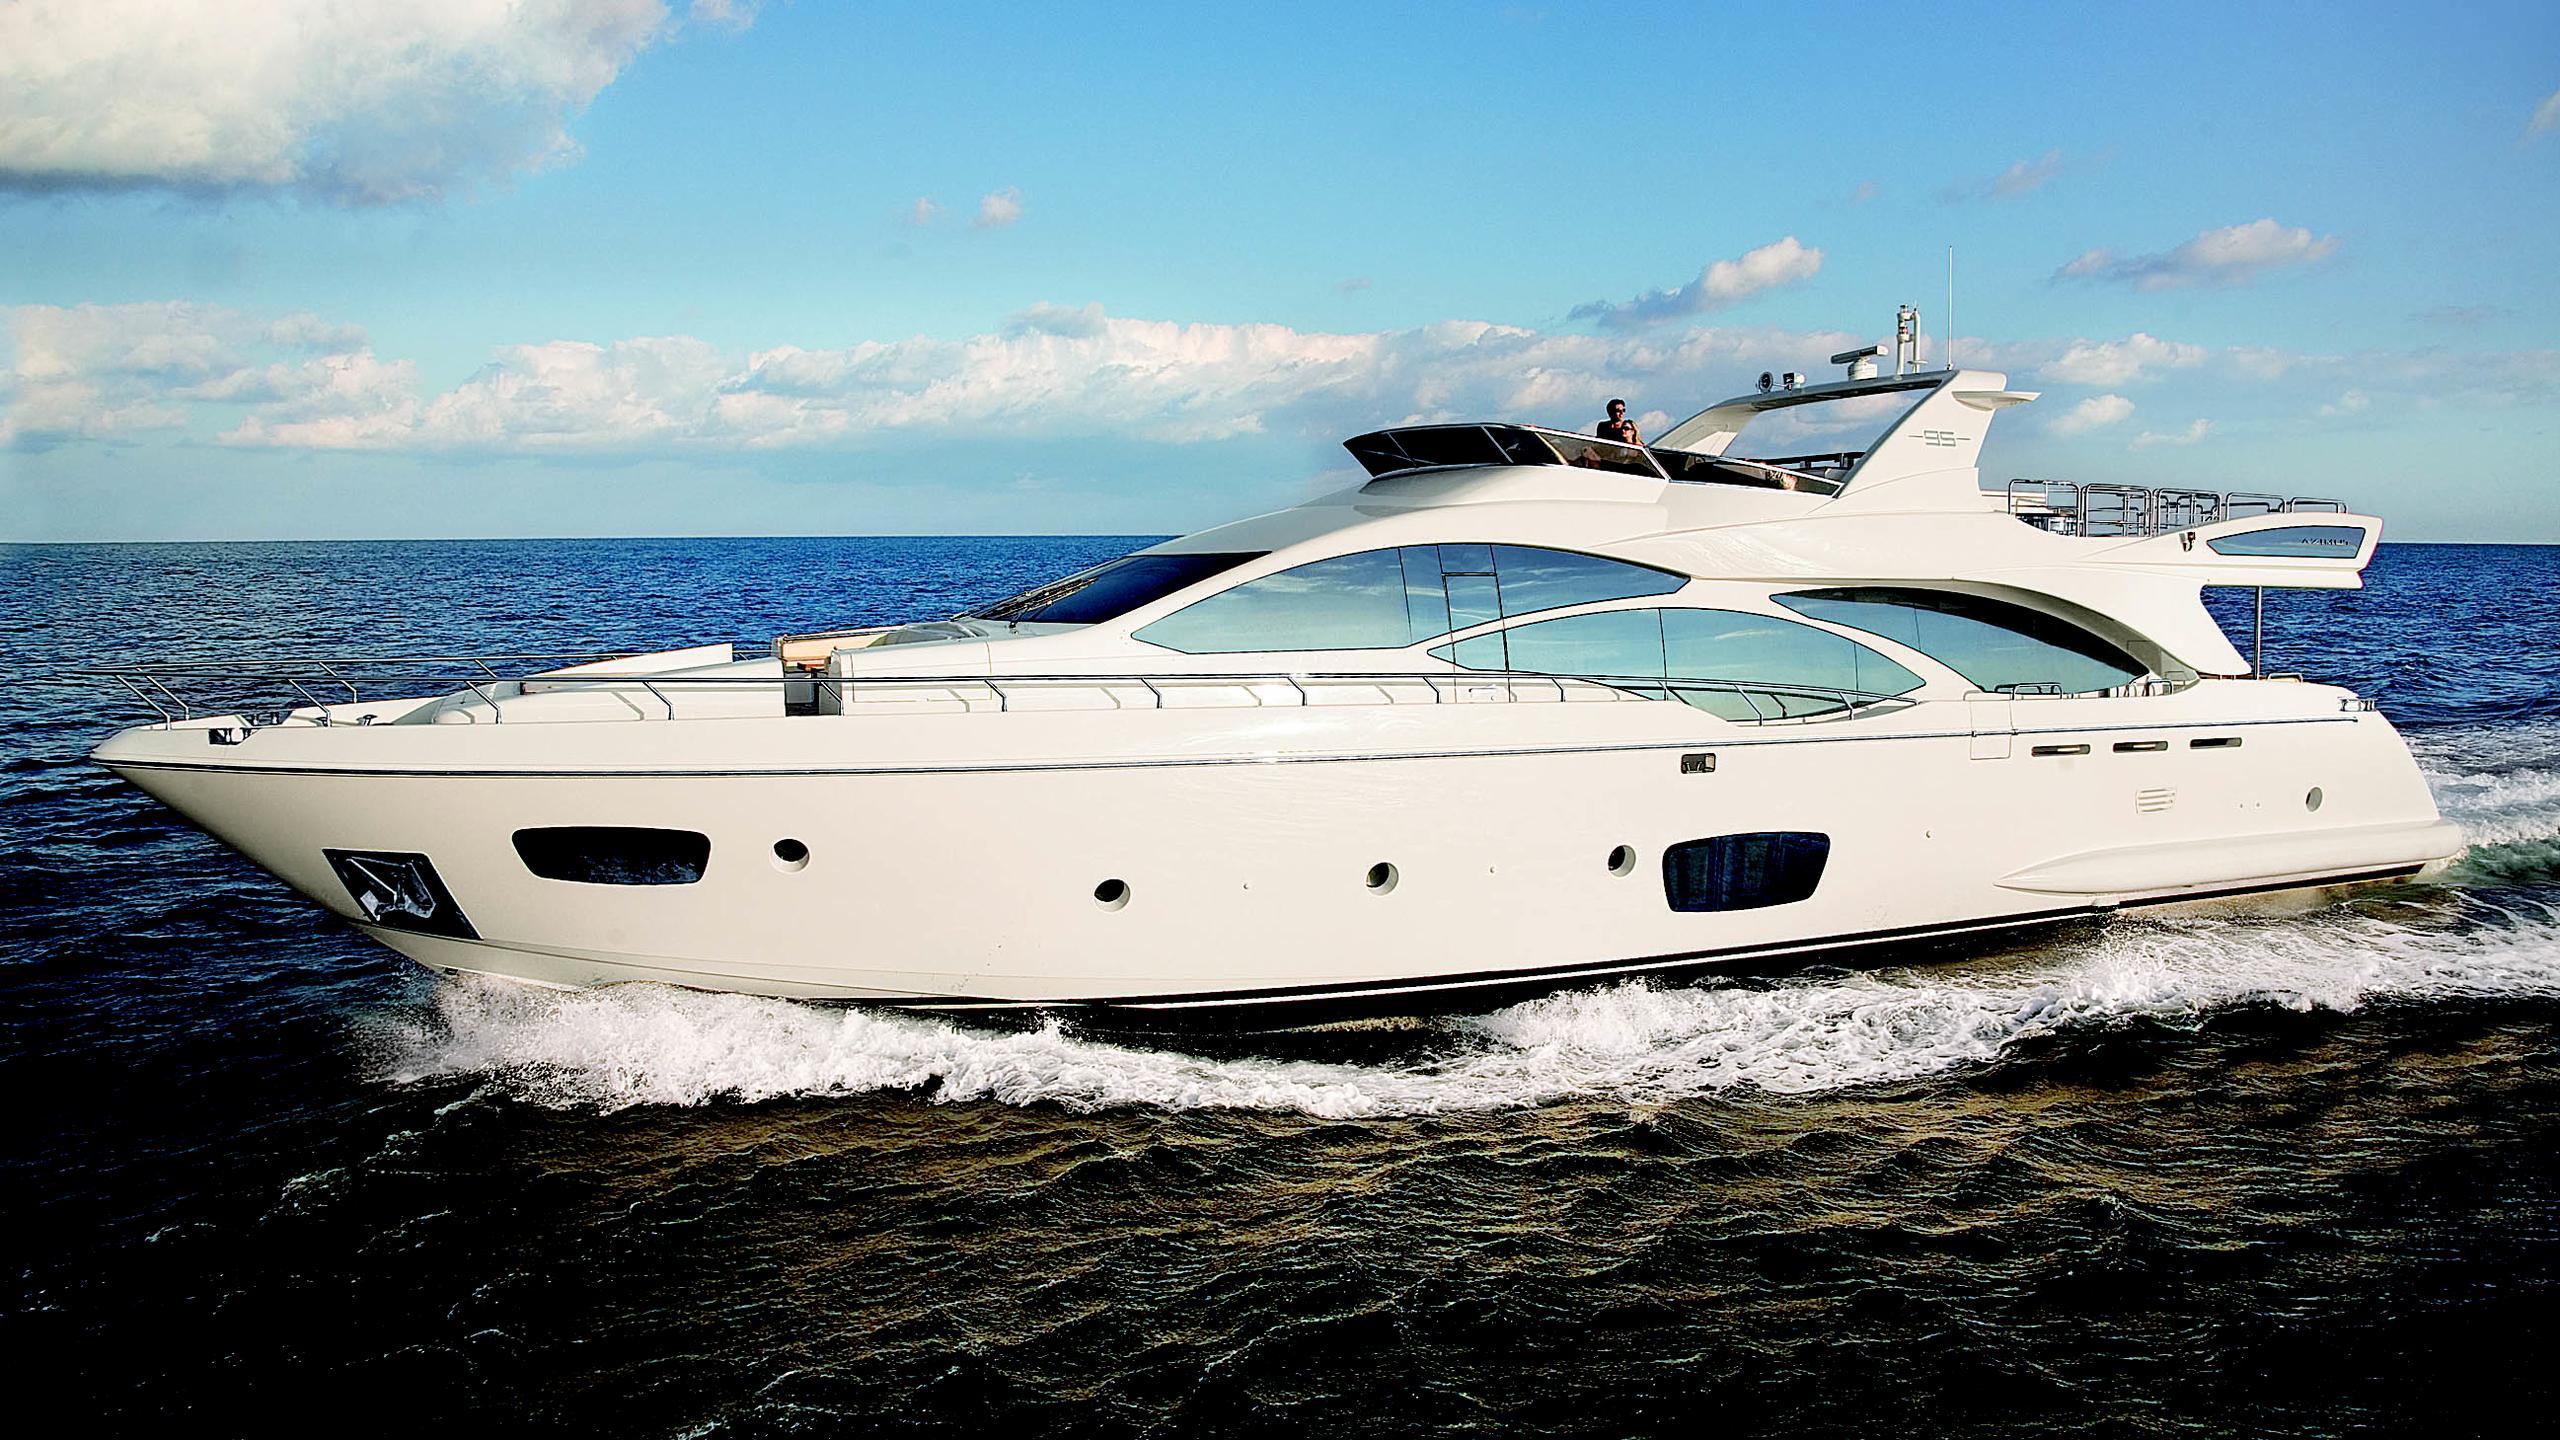 azimut-95-motor-yacht-2011-30m-profile